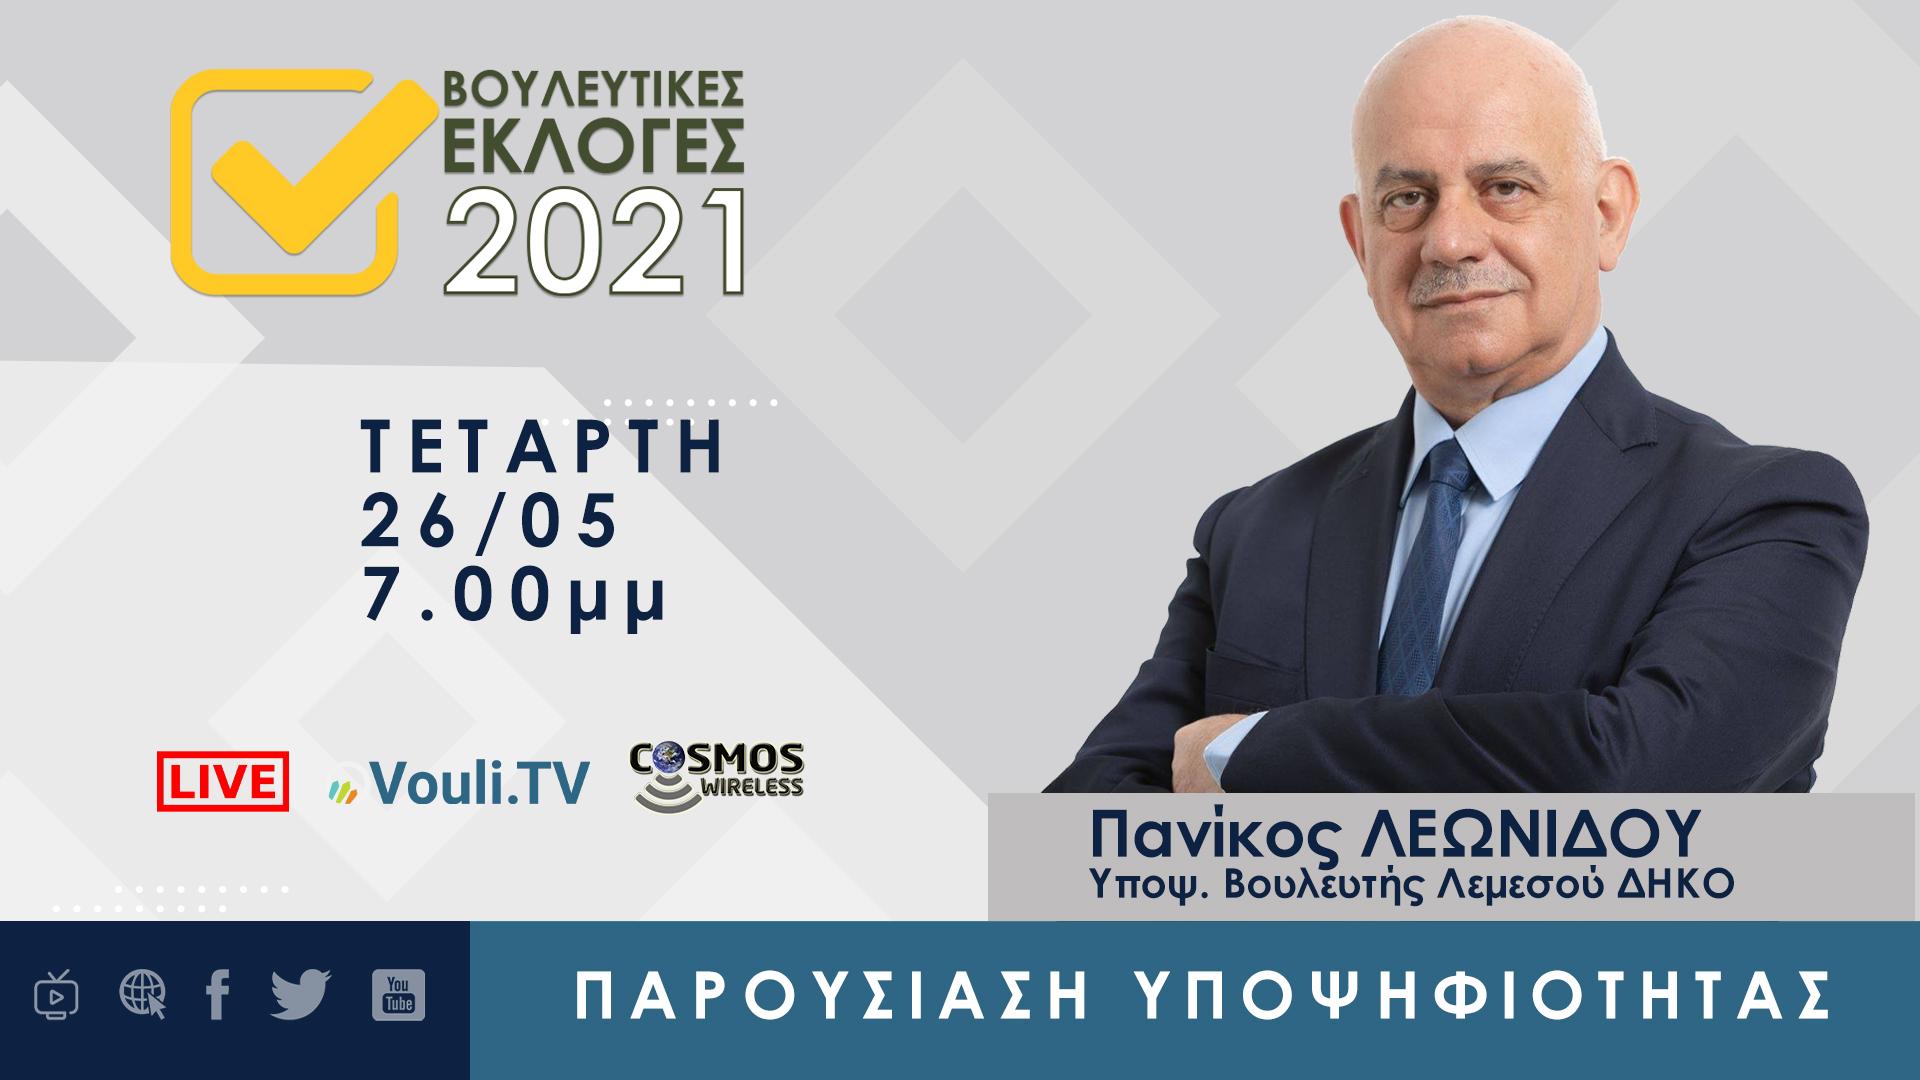 Εκλογές 2021 | Πανίκος Λεωνίδου: «Δυνατά για την Λεμεσό : Παρεμβάσεις που έγιναν – Παρεμβάσεις που θα γίνουν» | 26/05/2021,7μμ